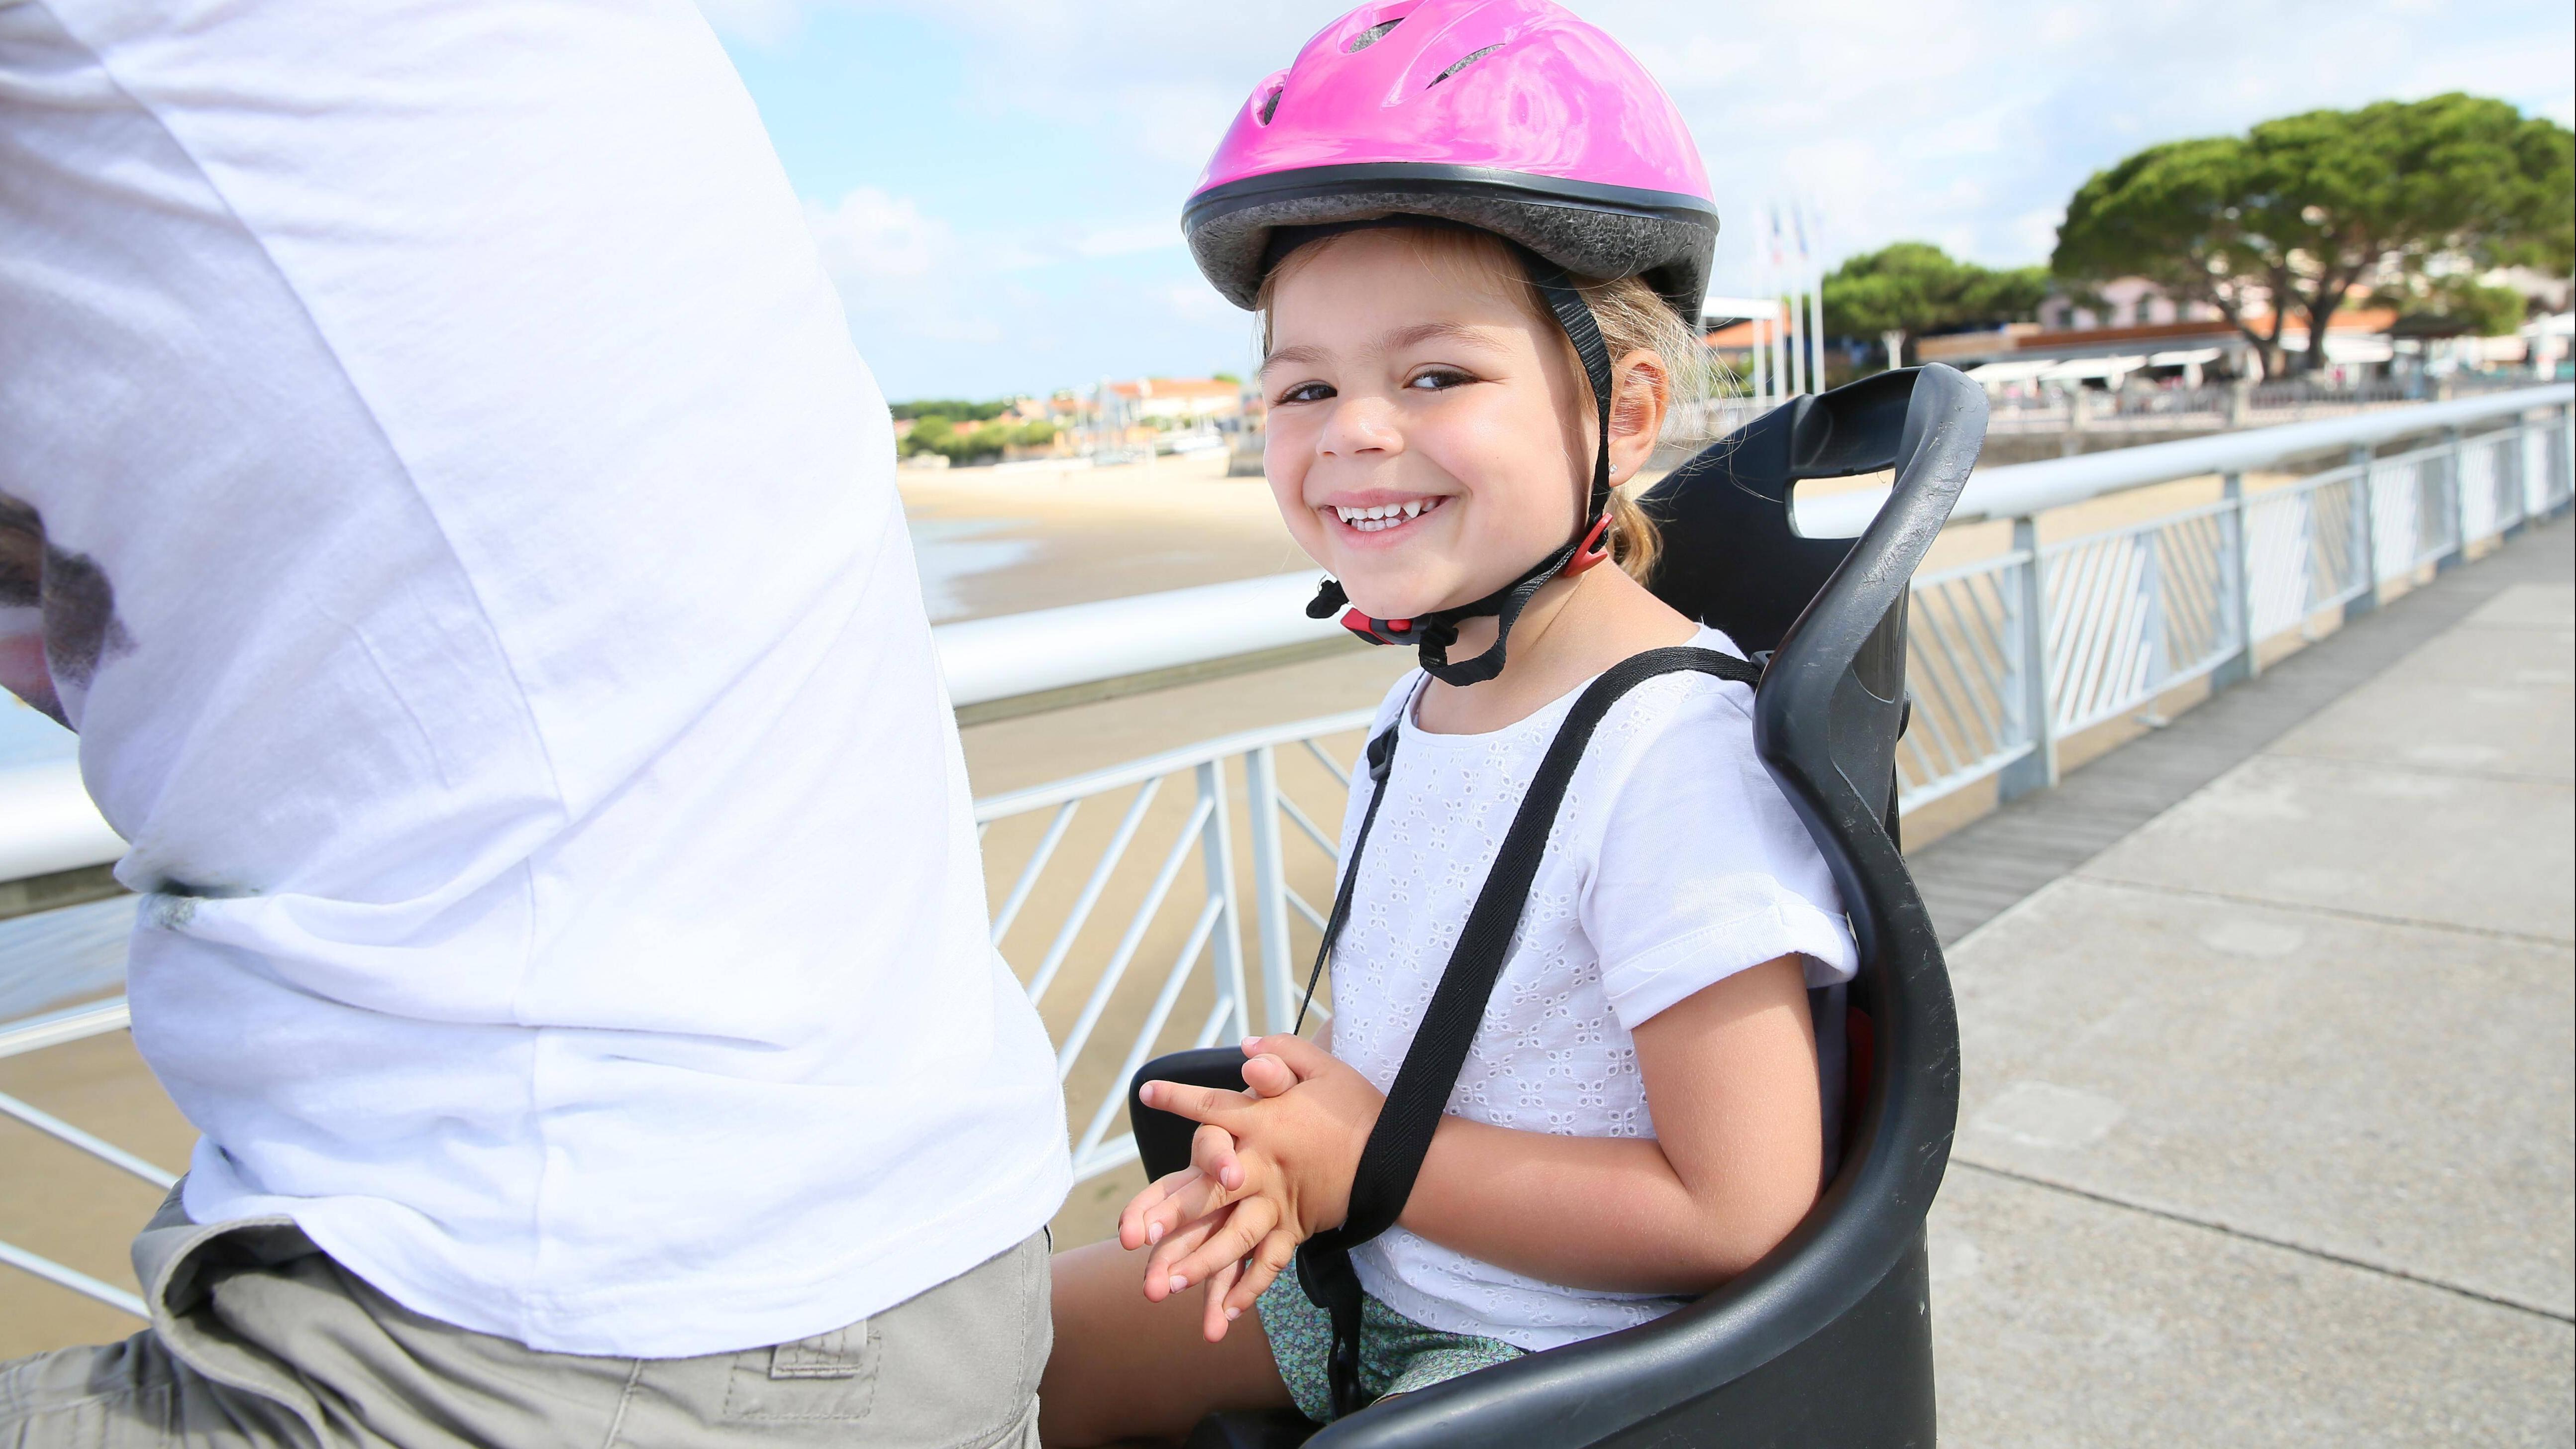 Sind Kindersitze auf dem E-Bike erlaubt? Das sollten Sie beachten